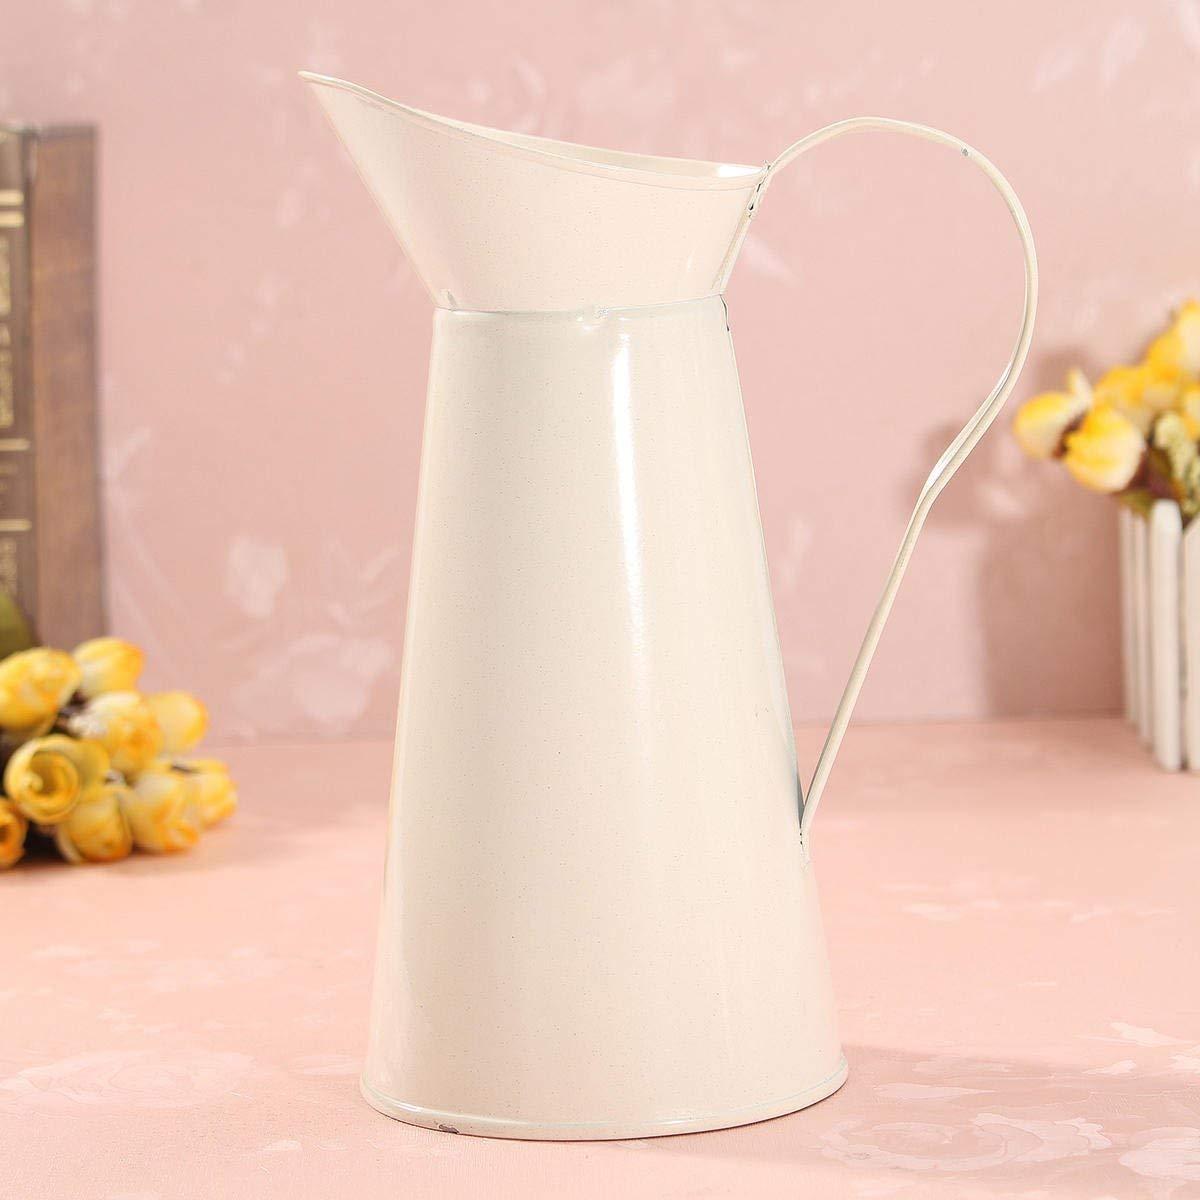 Blanco Vintage Shabby Chic crema jarrón esmalte jarra jarra maceta altura Metal decoración de boda: Amazon.es: Hogar